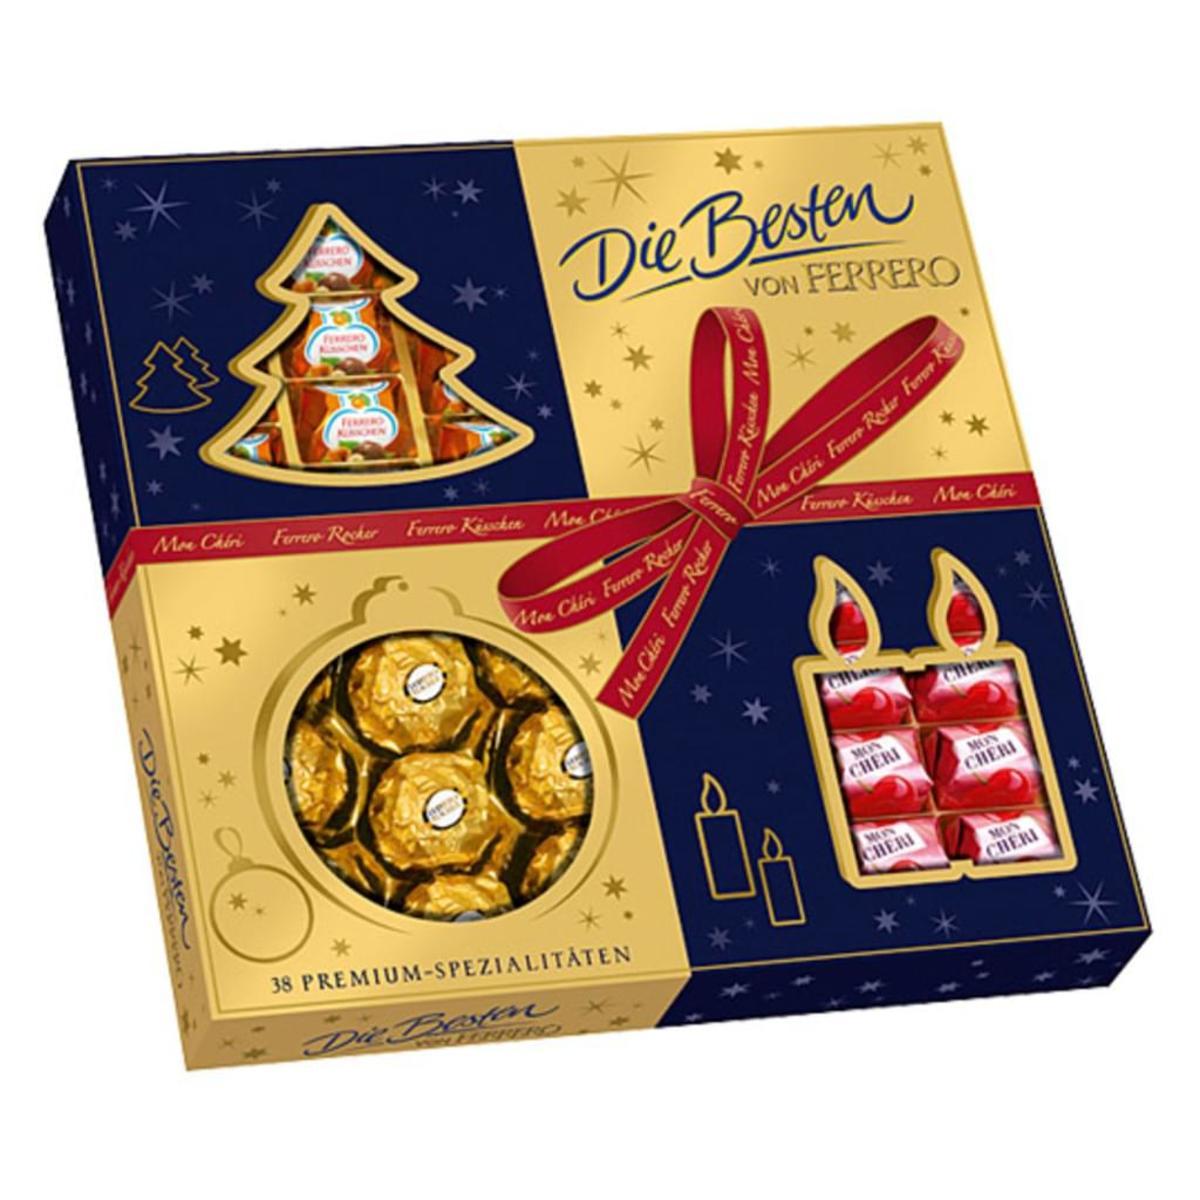 Bild 2 von Ferrero Die Besten Weihnachten 400 g